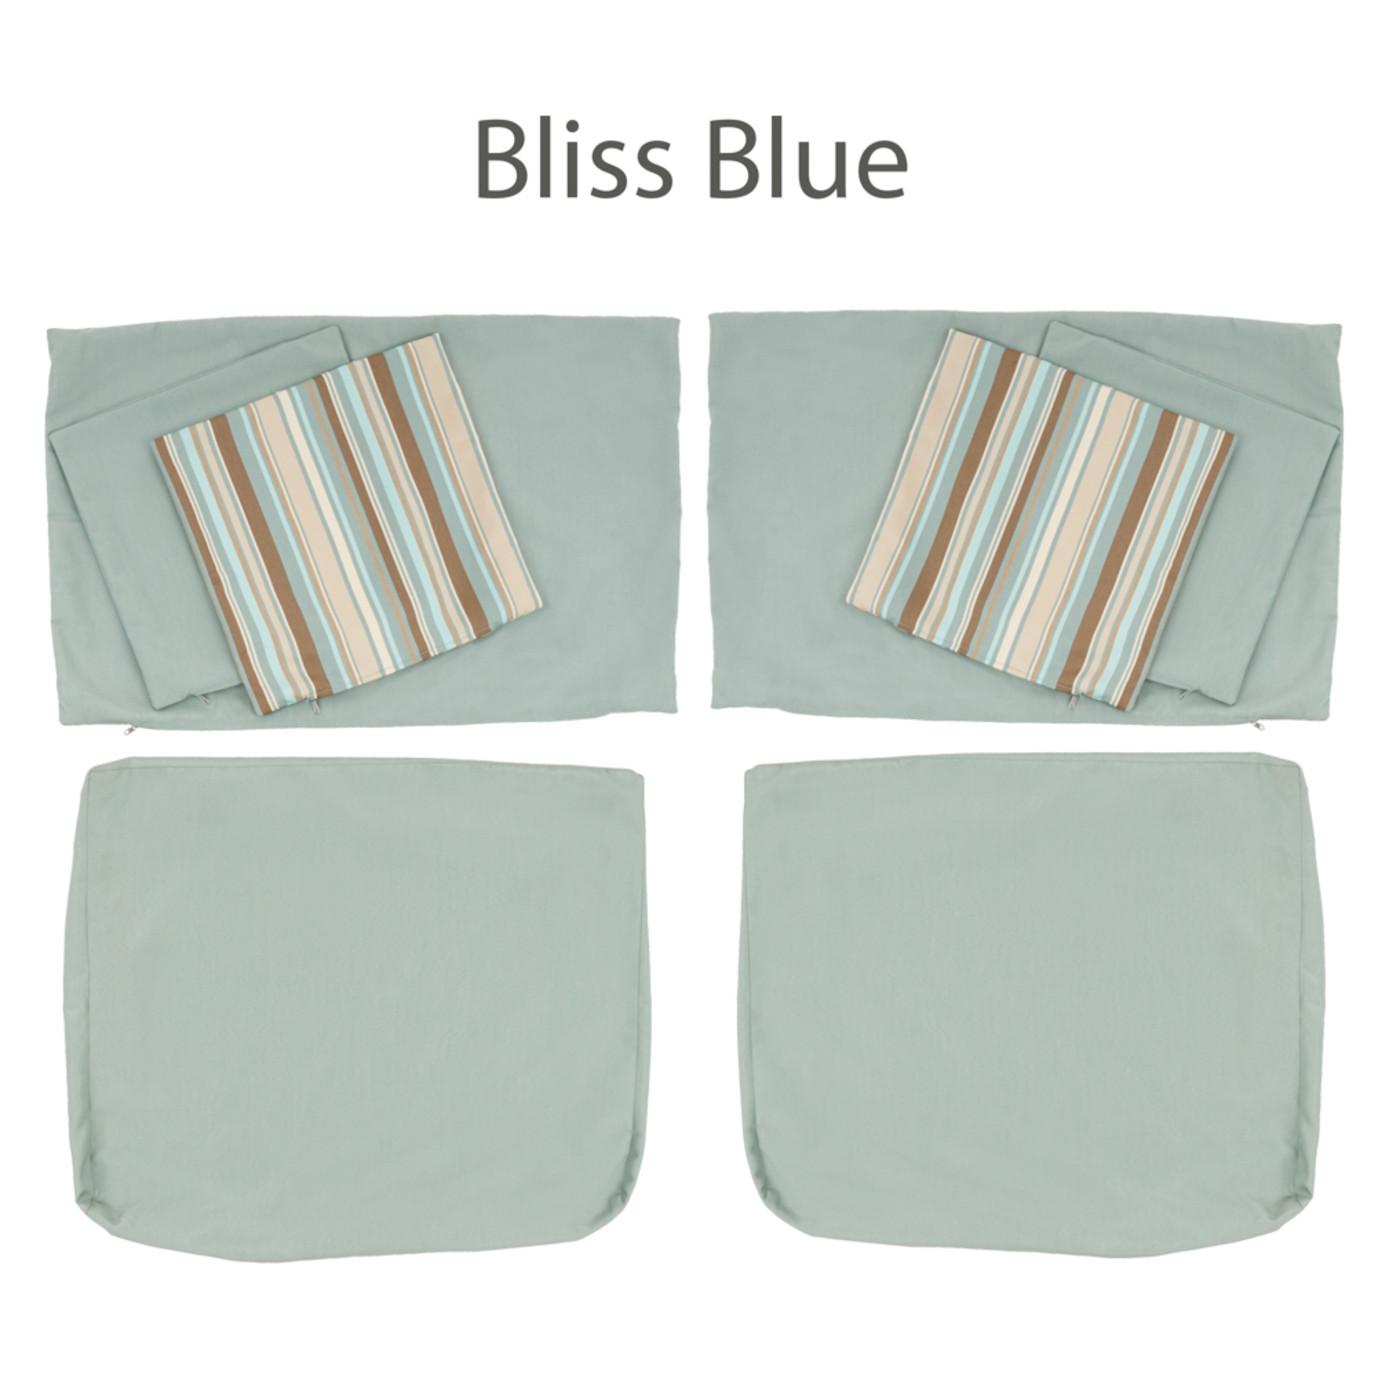 Modular Armless Chair Cushion Covers